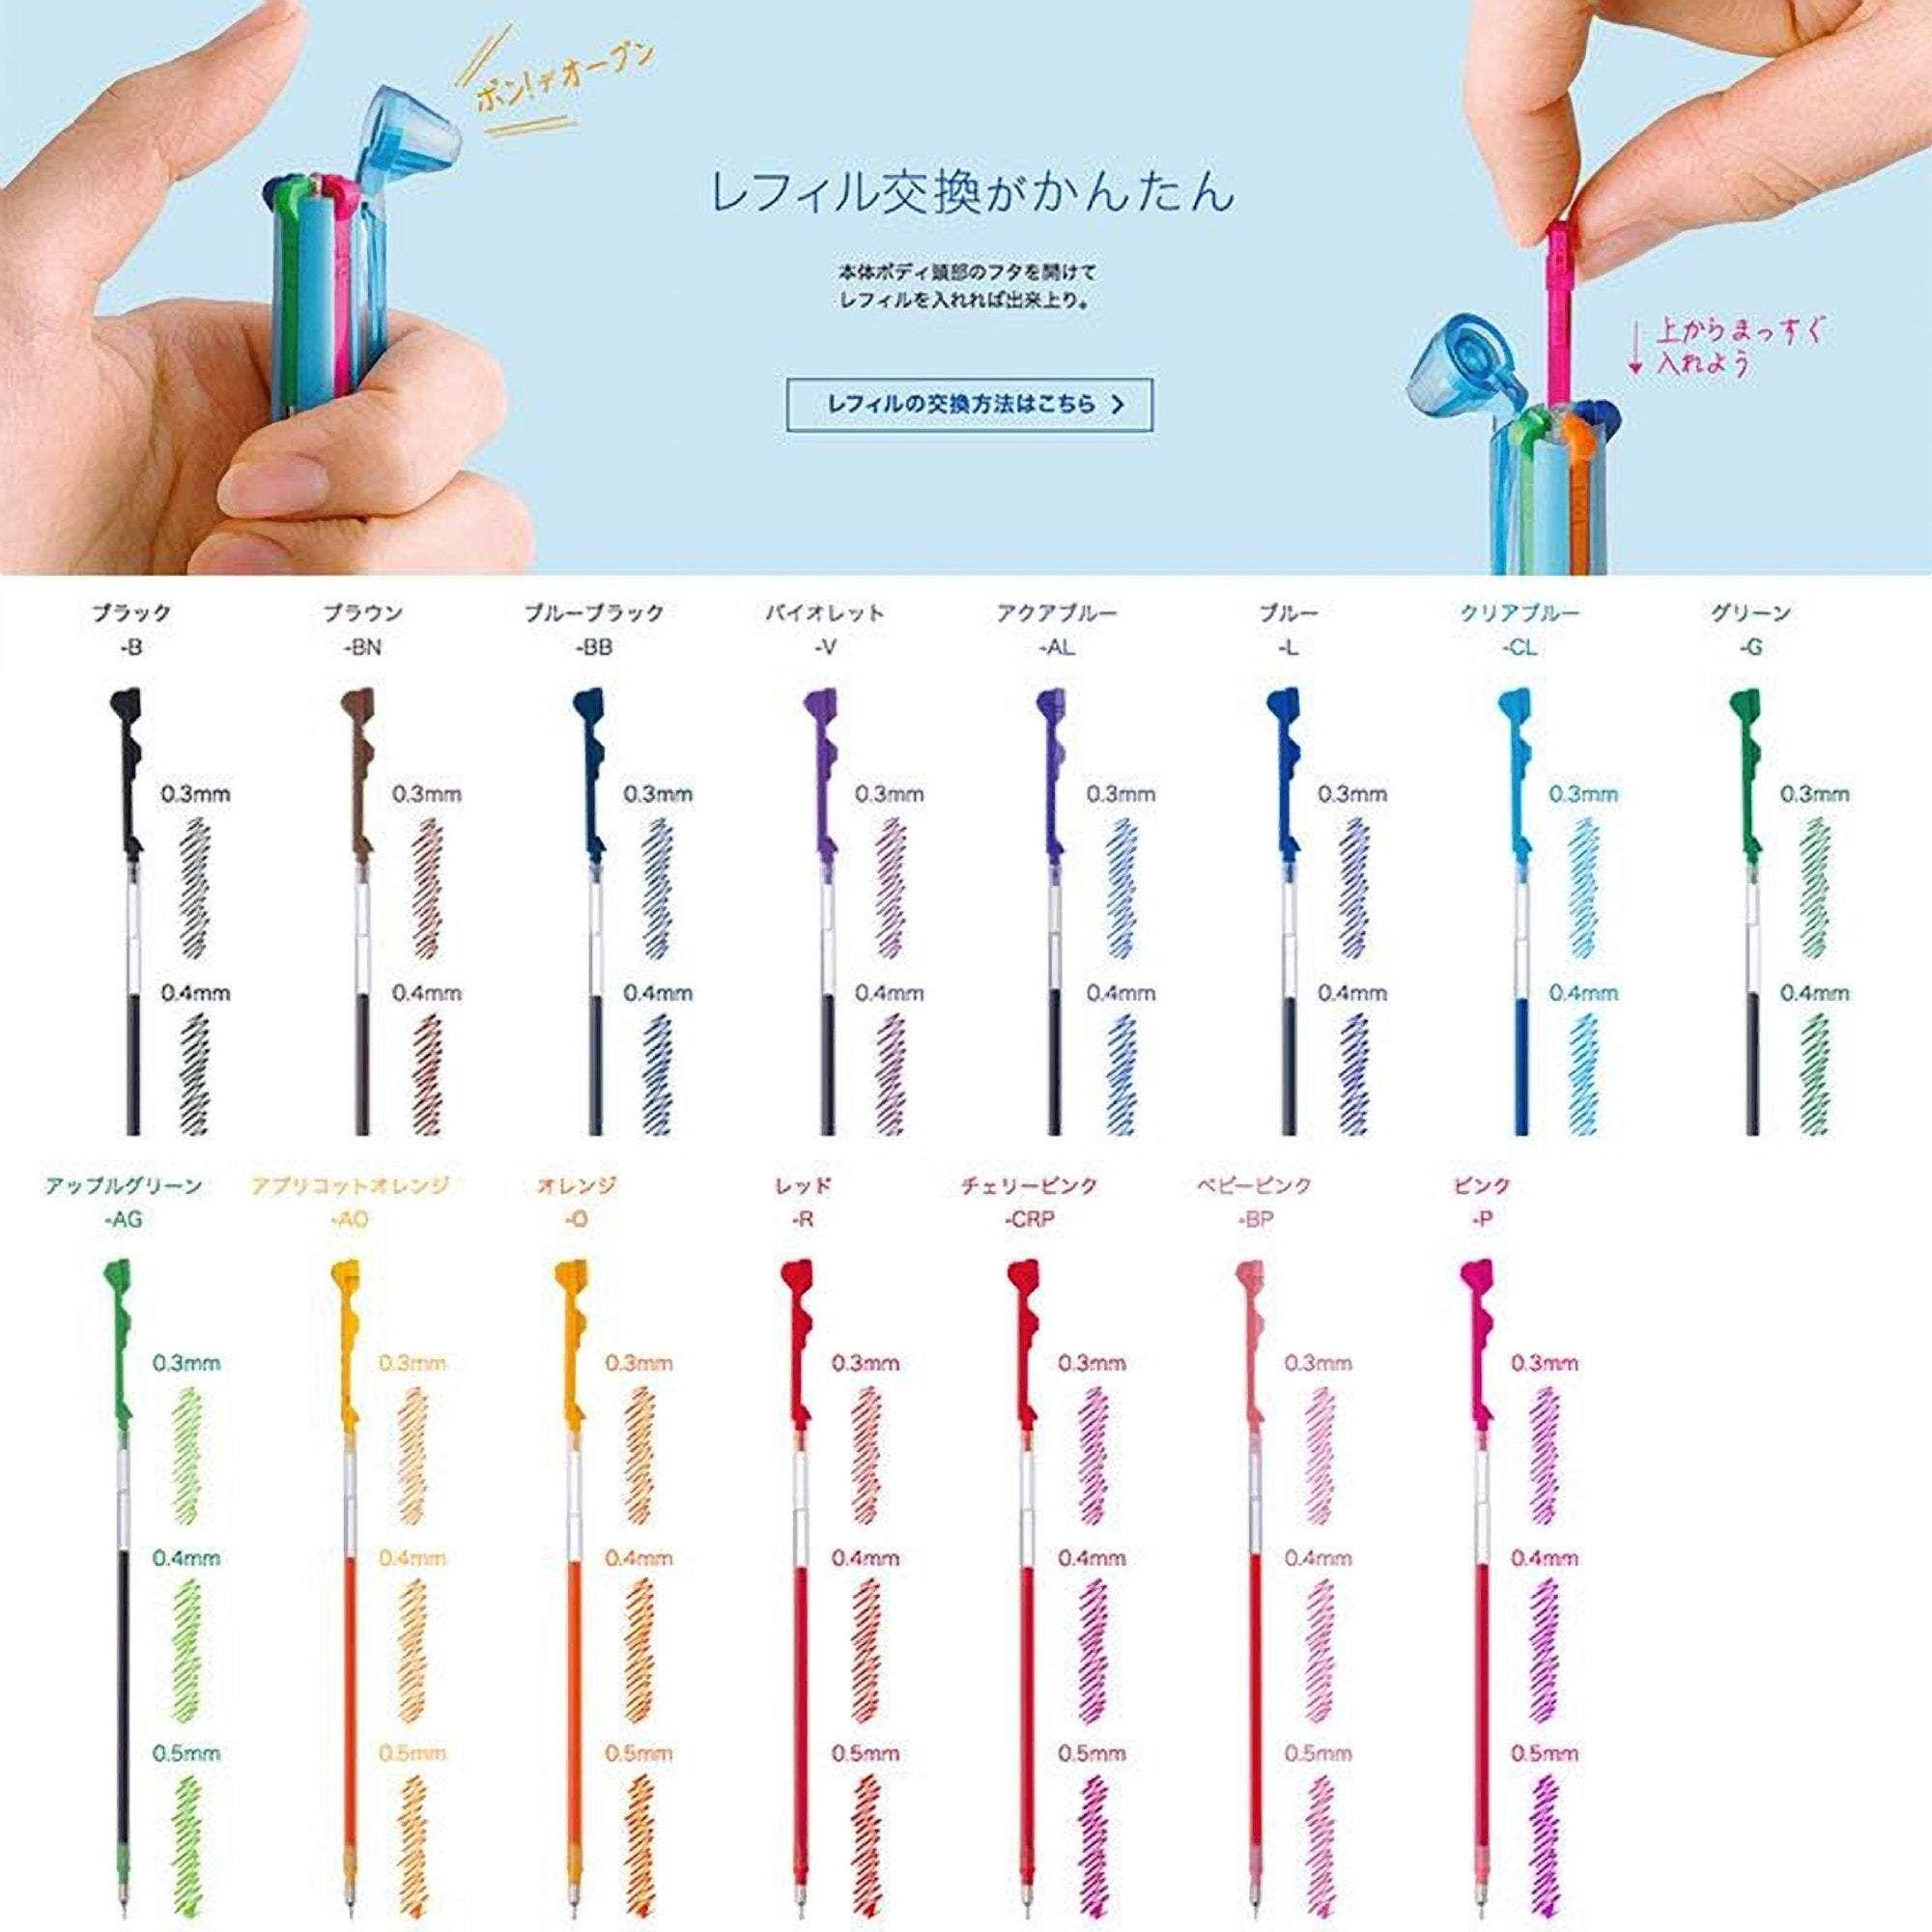 PILOT HI-TEC-C Coleto 0.3mm Multi Pen Refill 15 color set